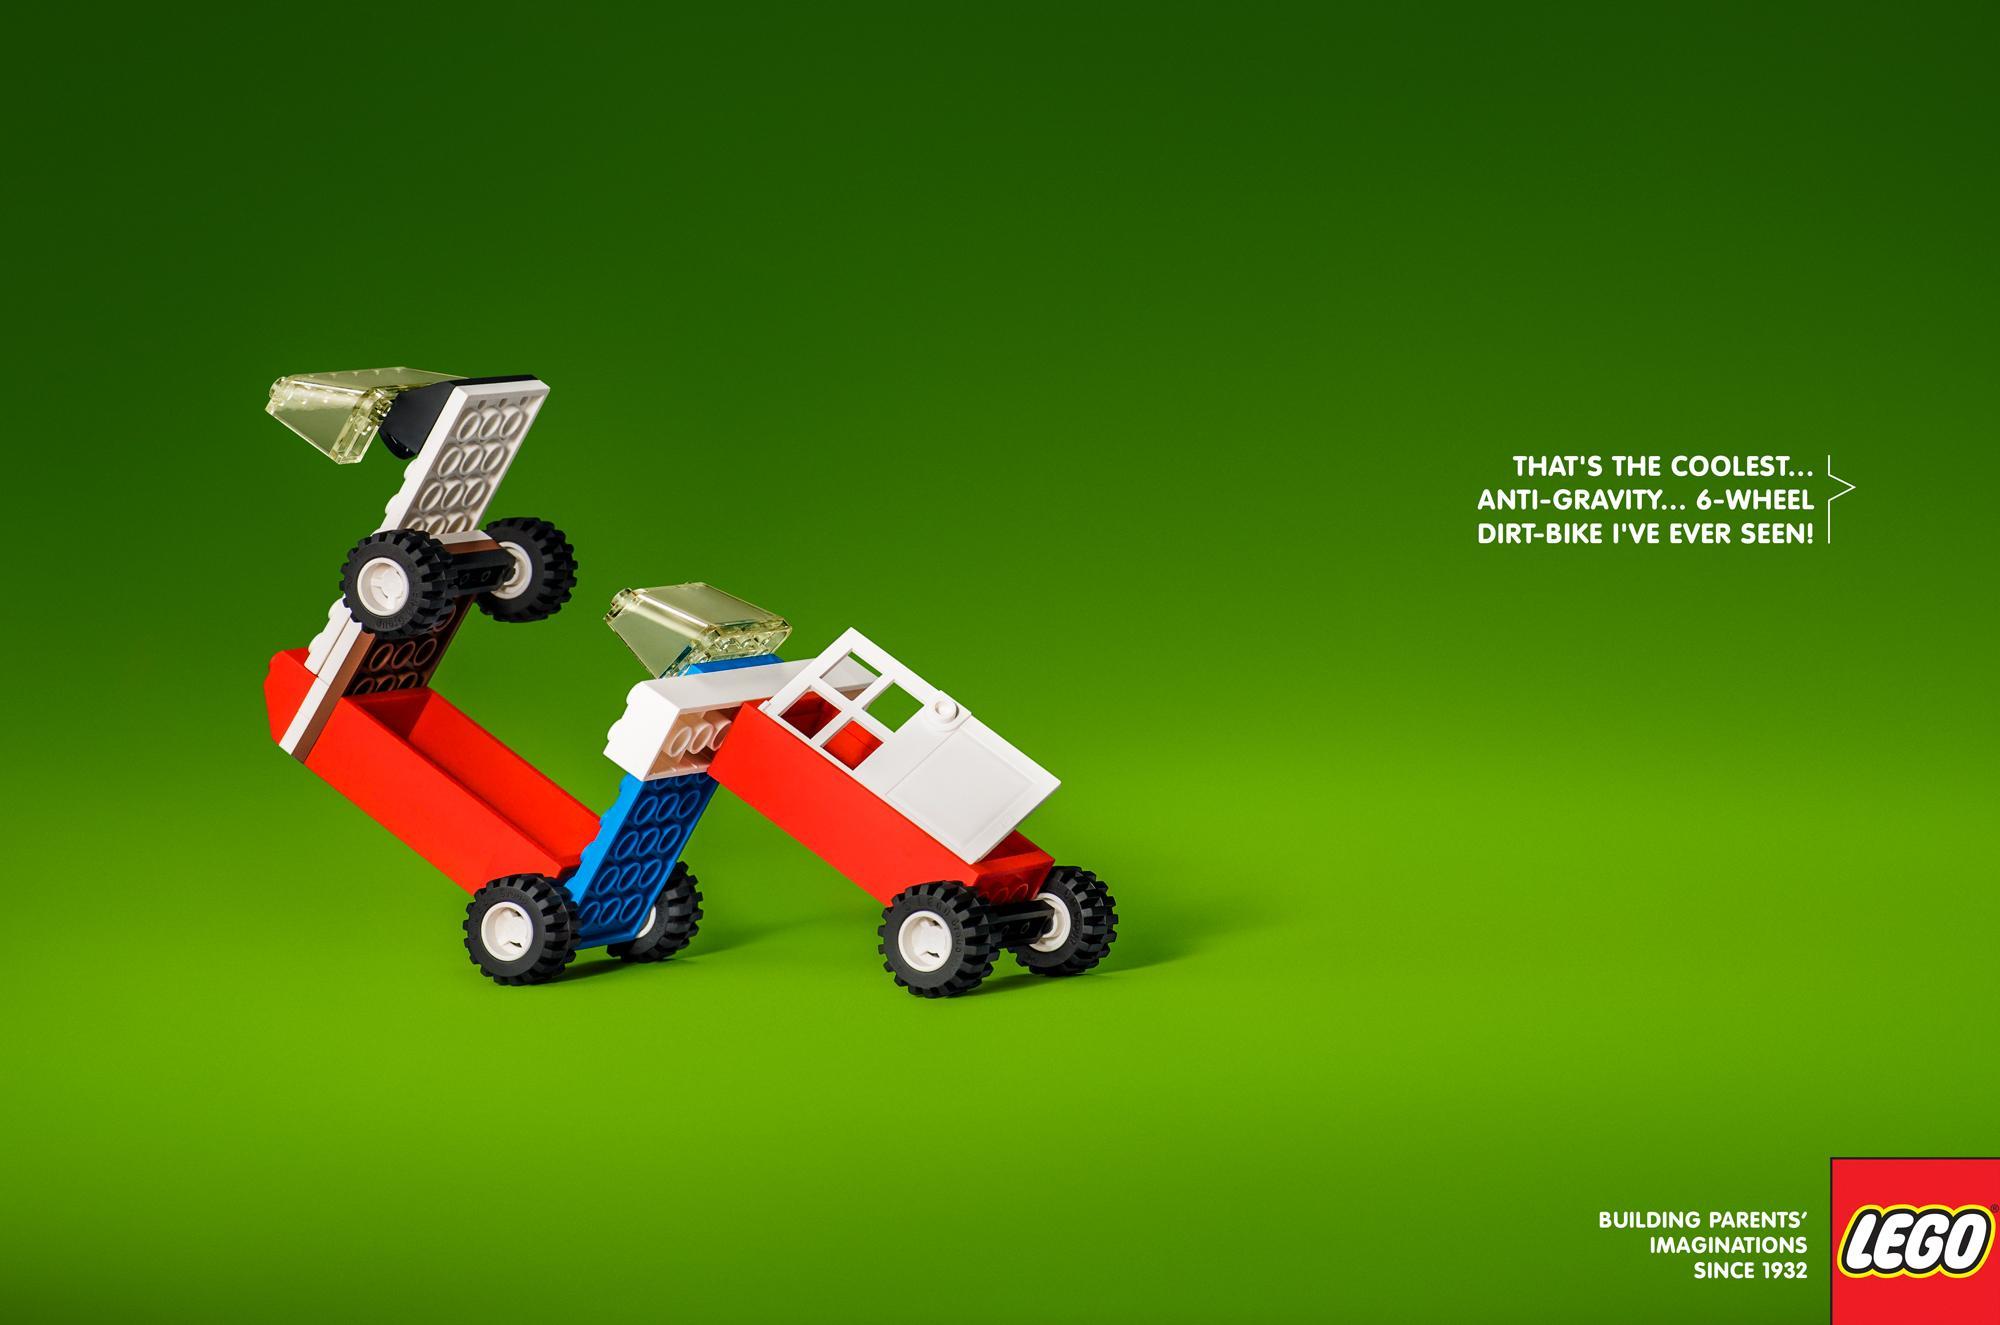 Lego Print Ad - 6-wheel Dirt Bike